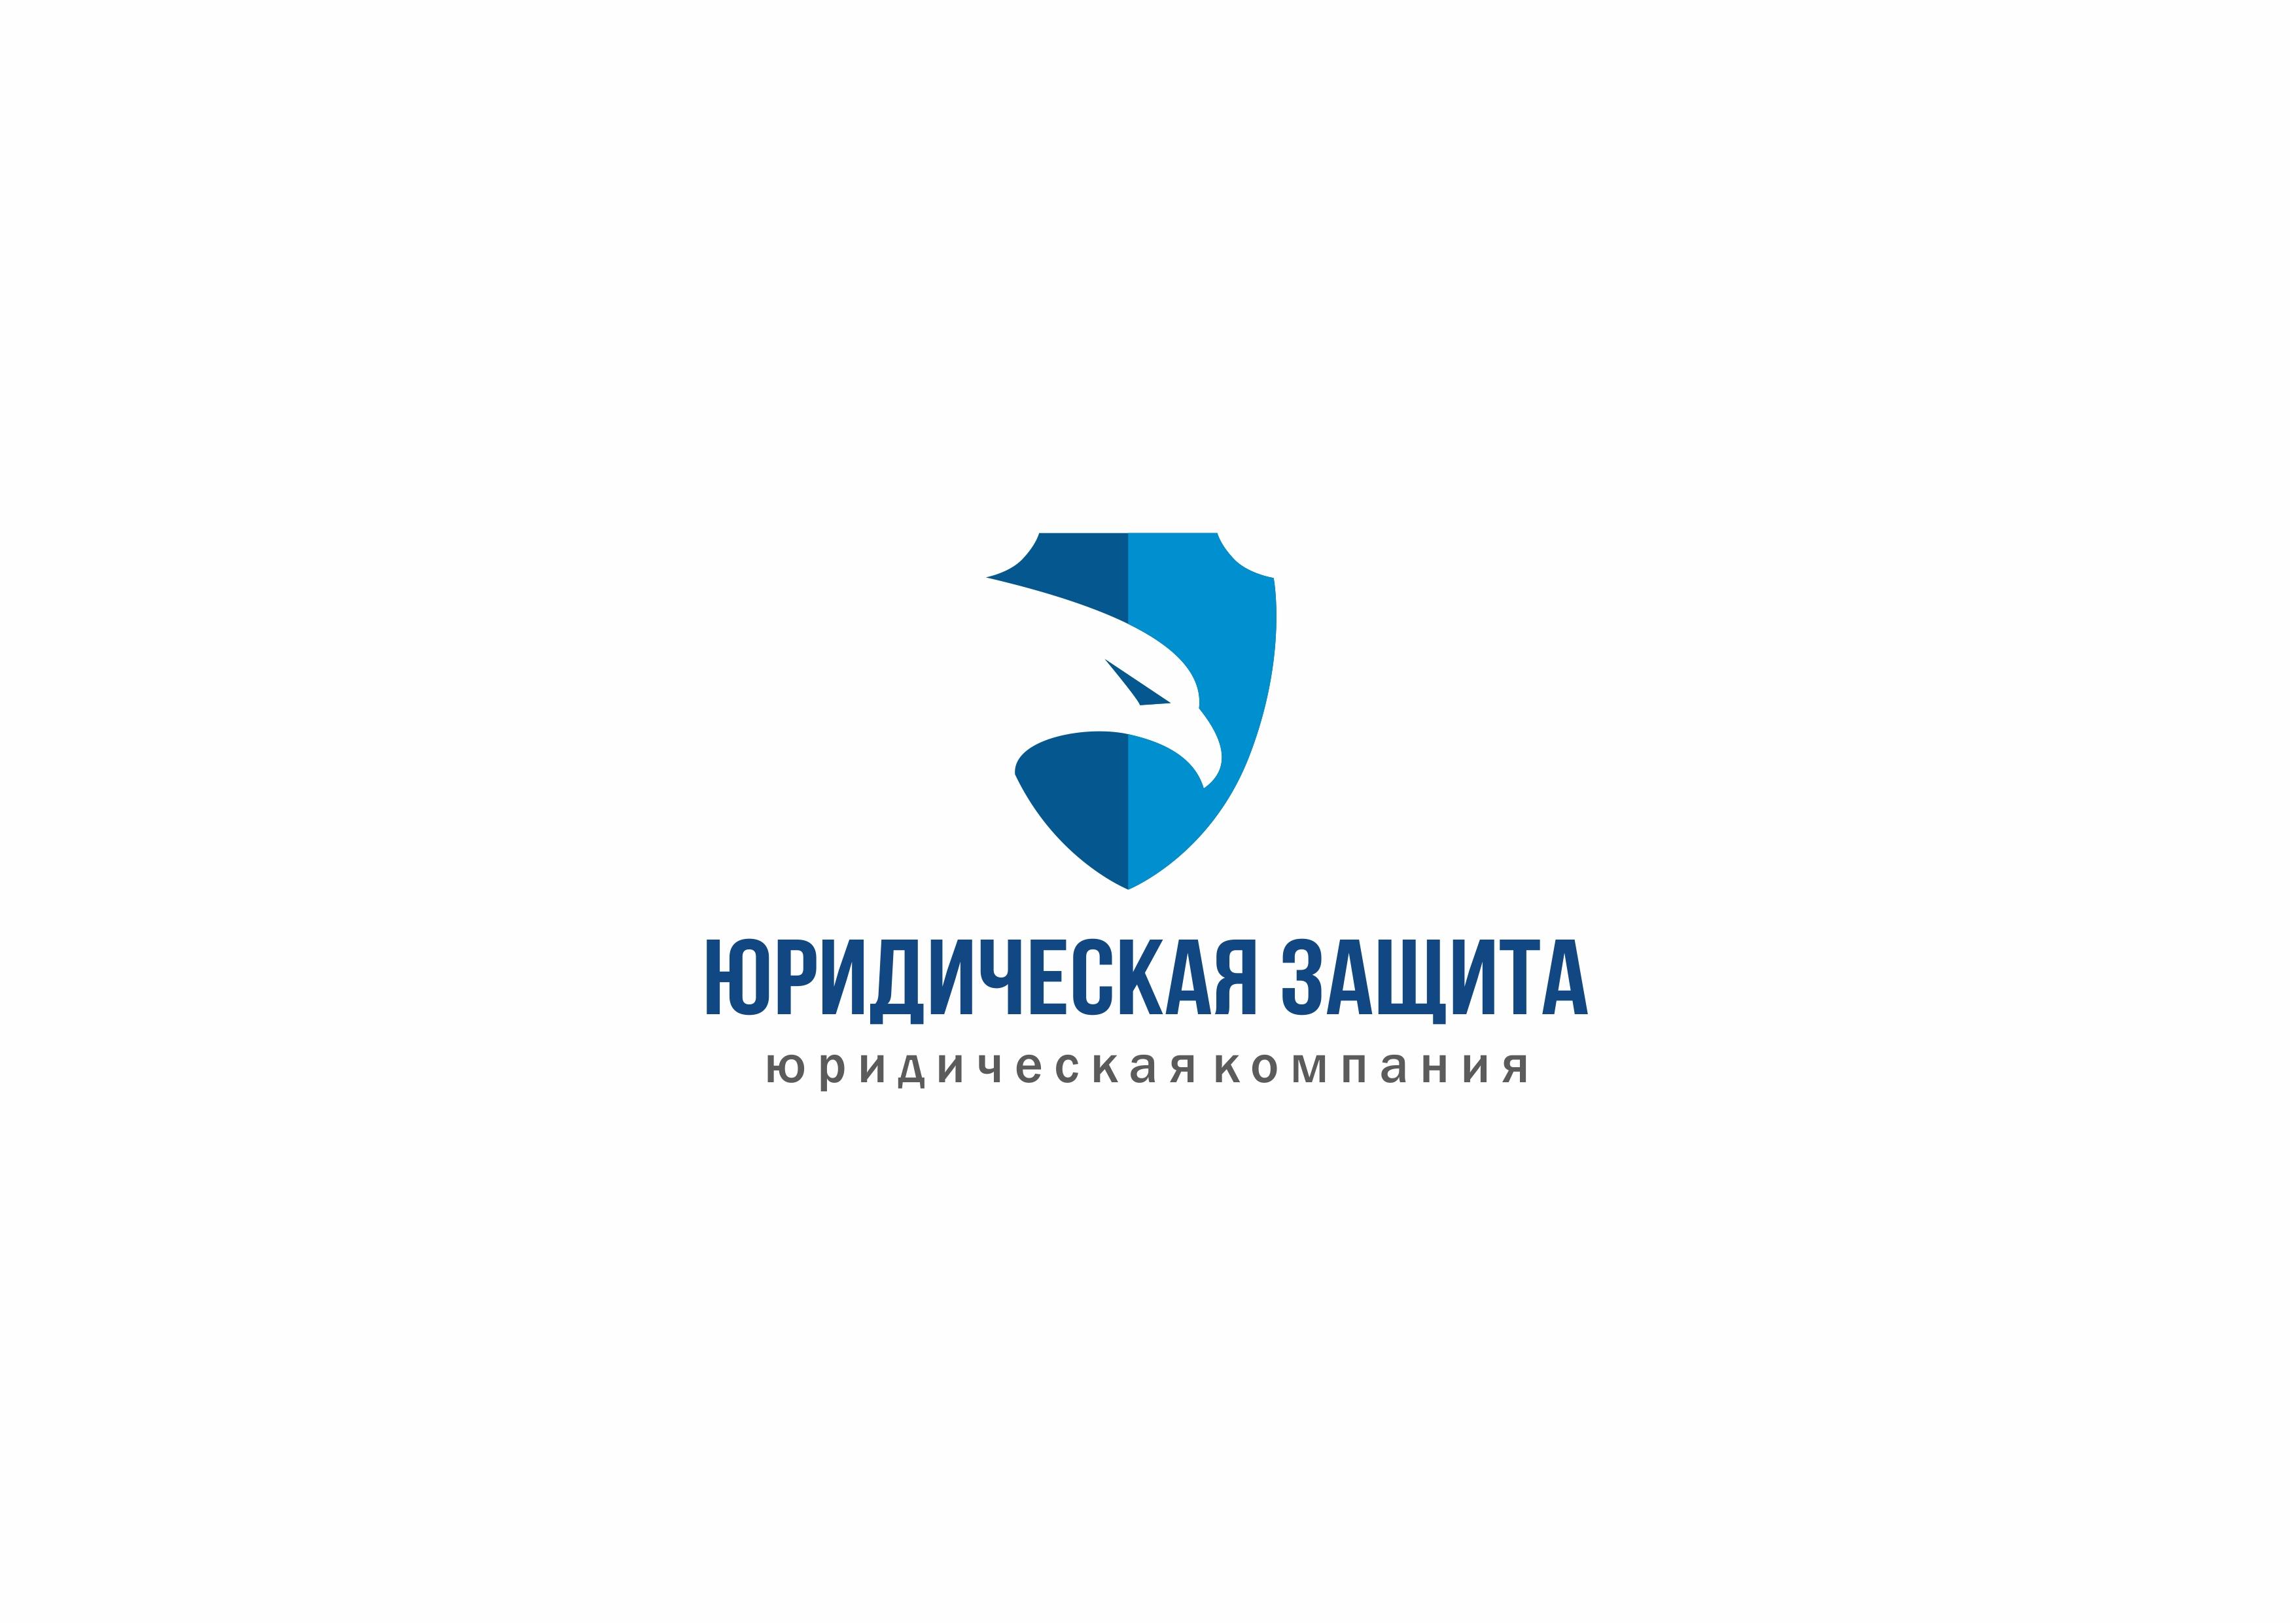 Разработка логотипа для юридической компании фото f_63455e0715a38f93.jpg